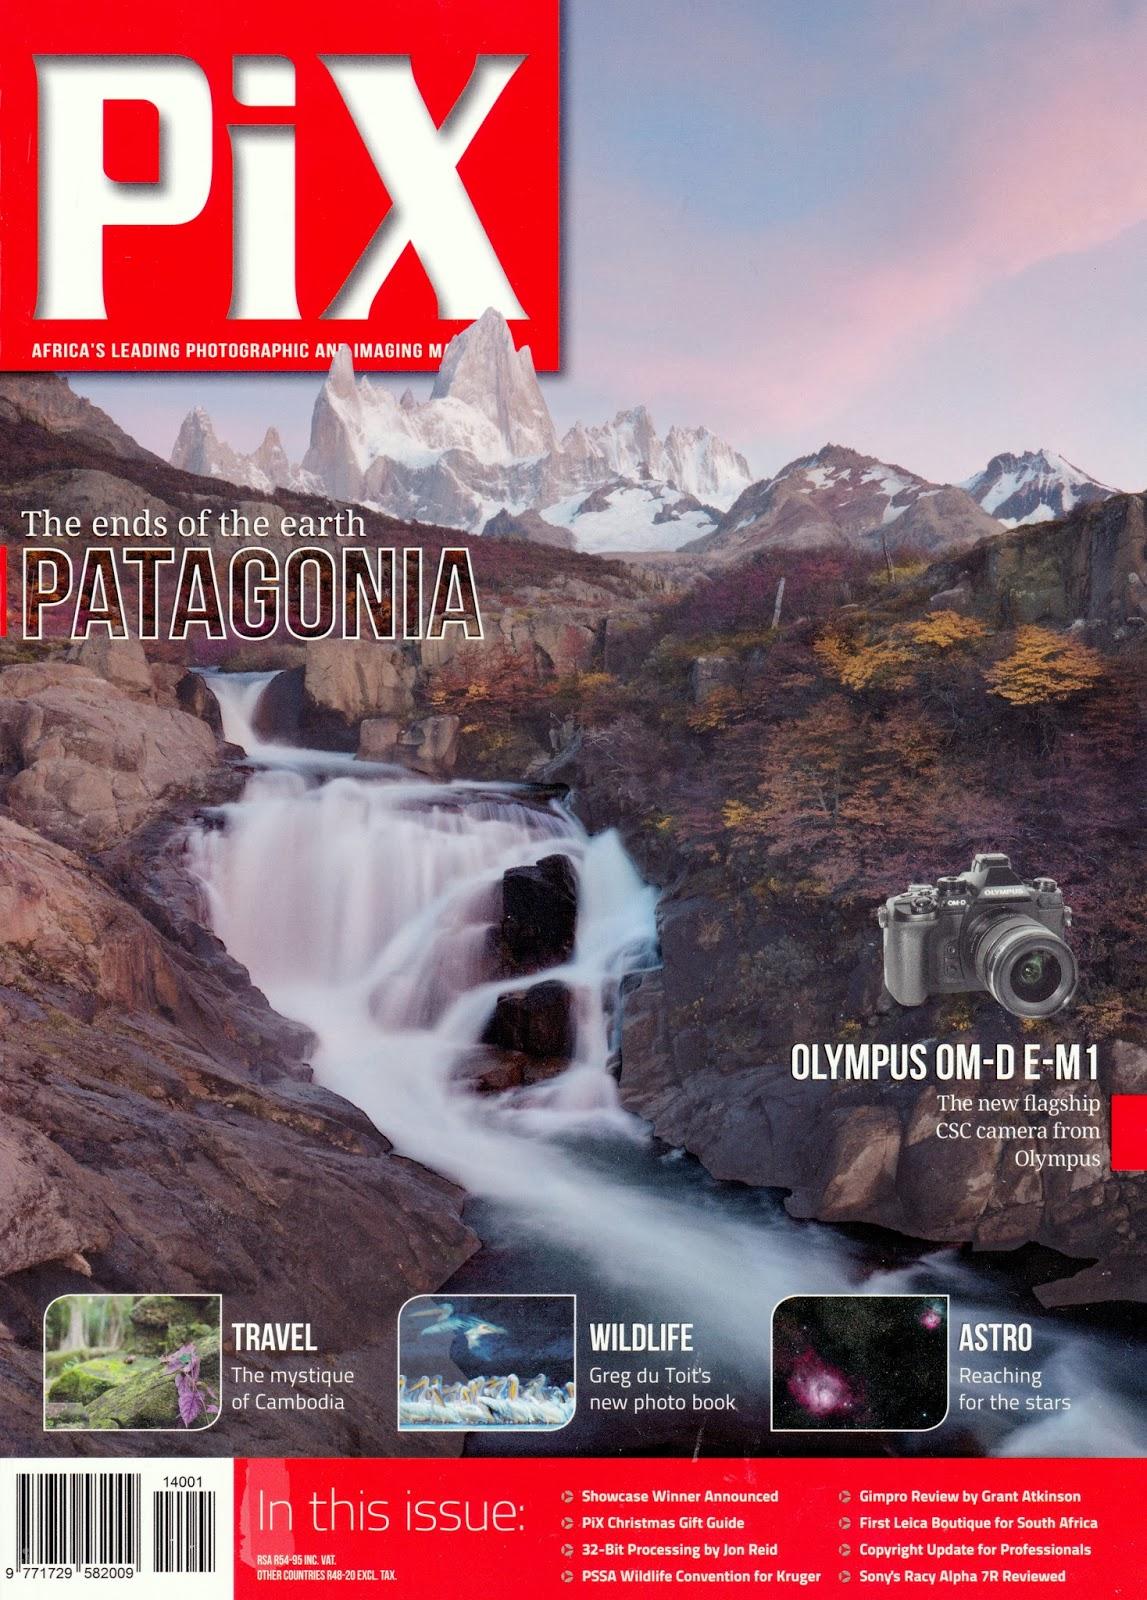 Magazine Recommendation: PIX Photography and Imaging Magazine